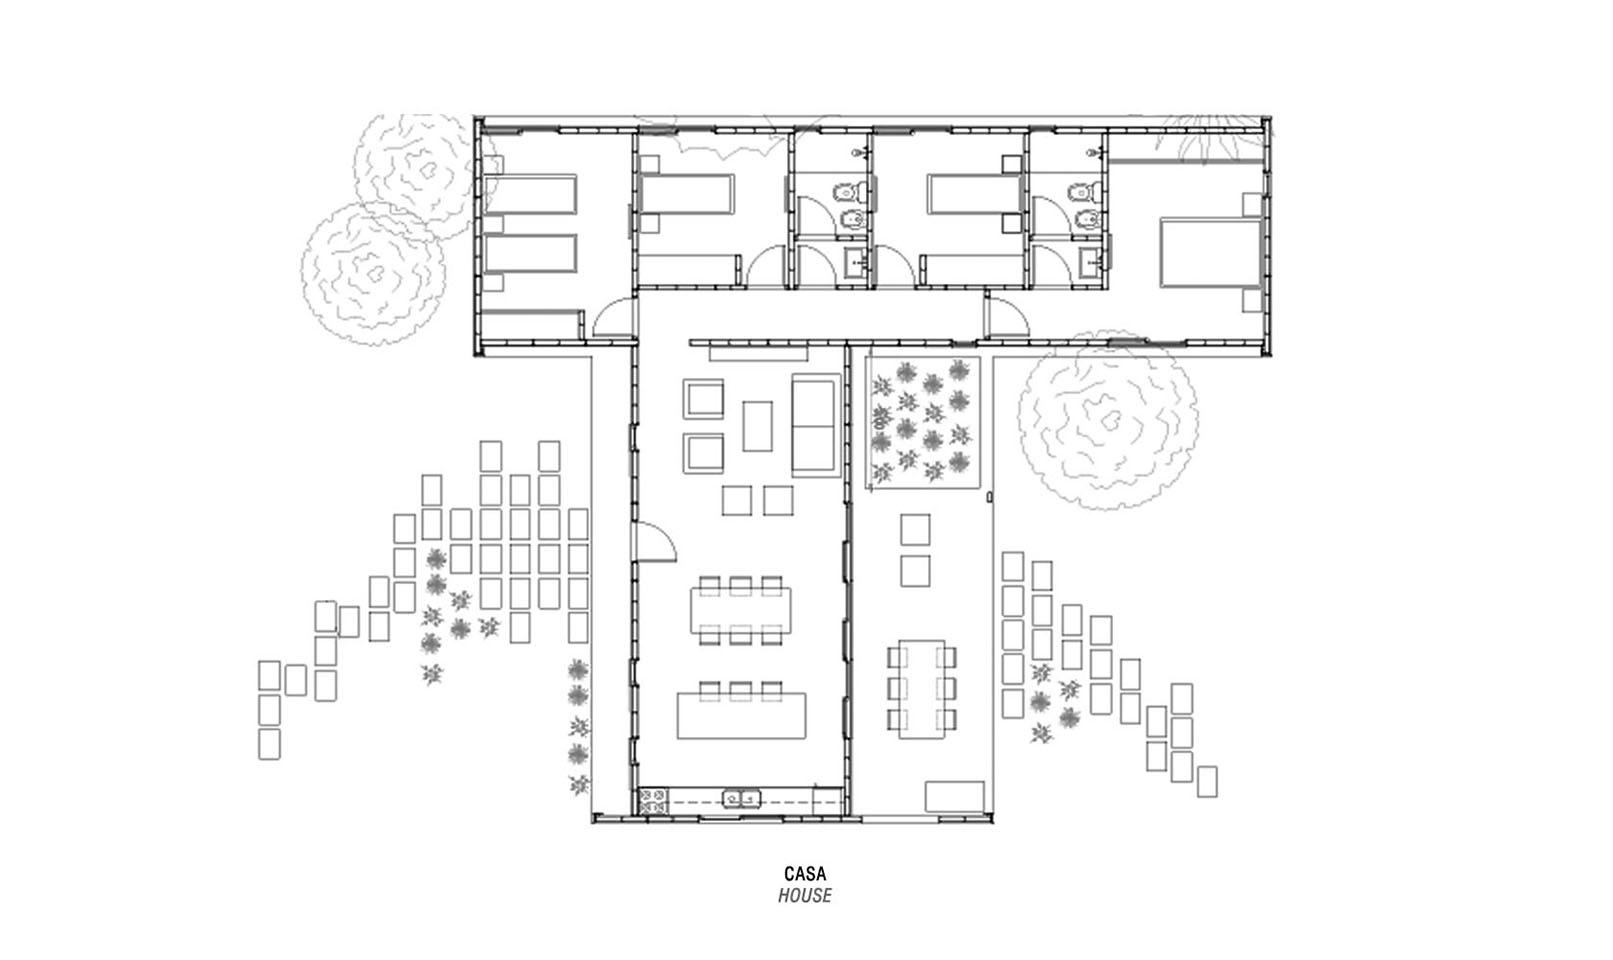 Diseño de casas modulares